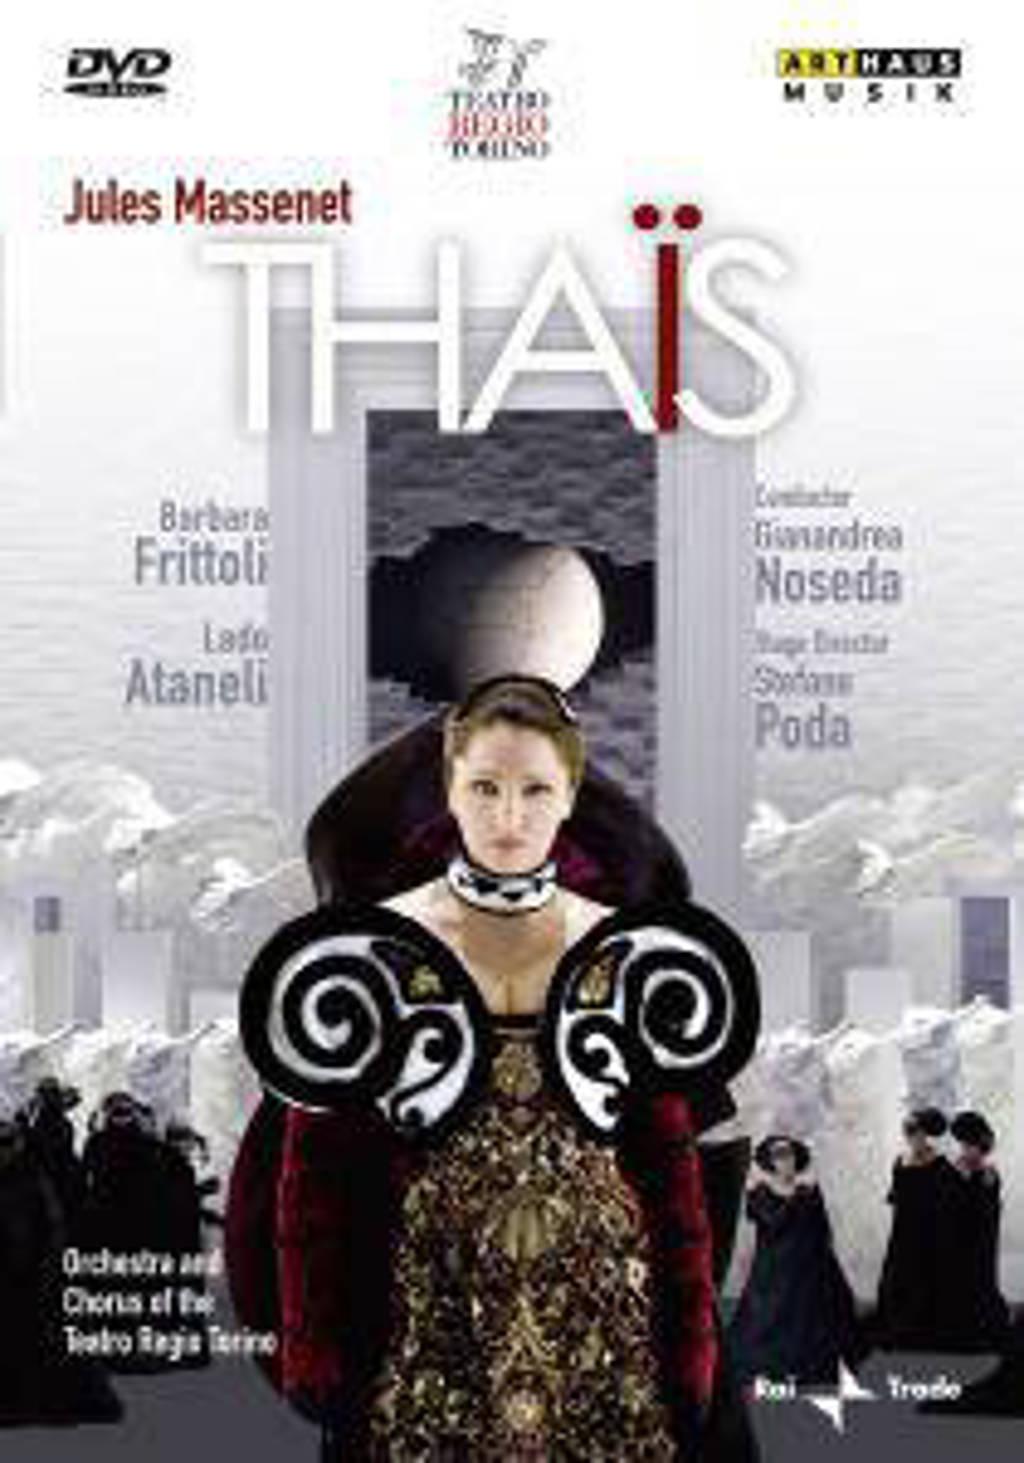 Frittoli,Ataneli,Liberatorear - Thais,Turijn 2008 (DVD)